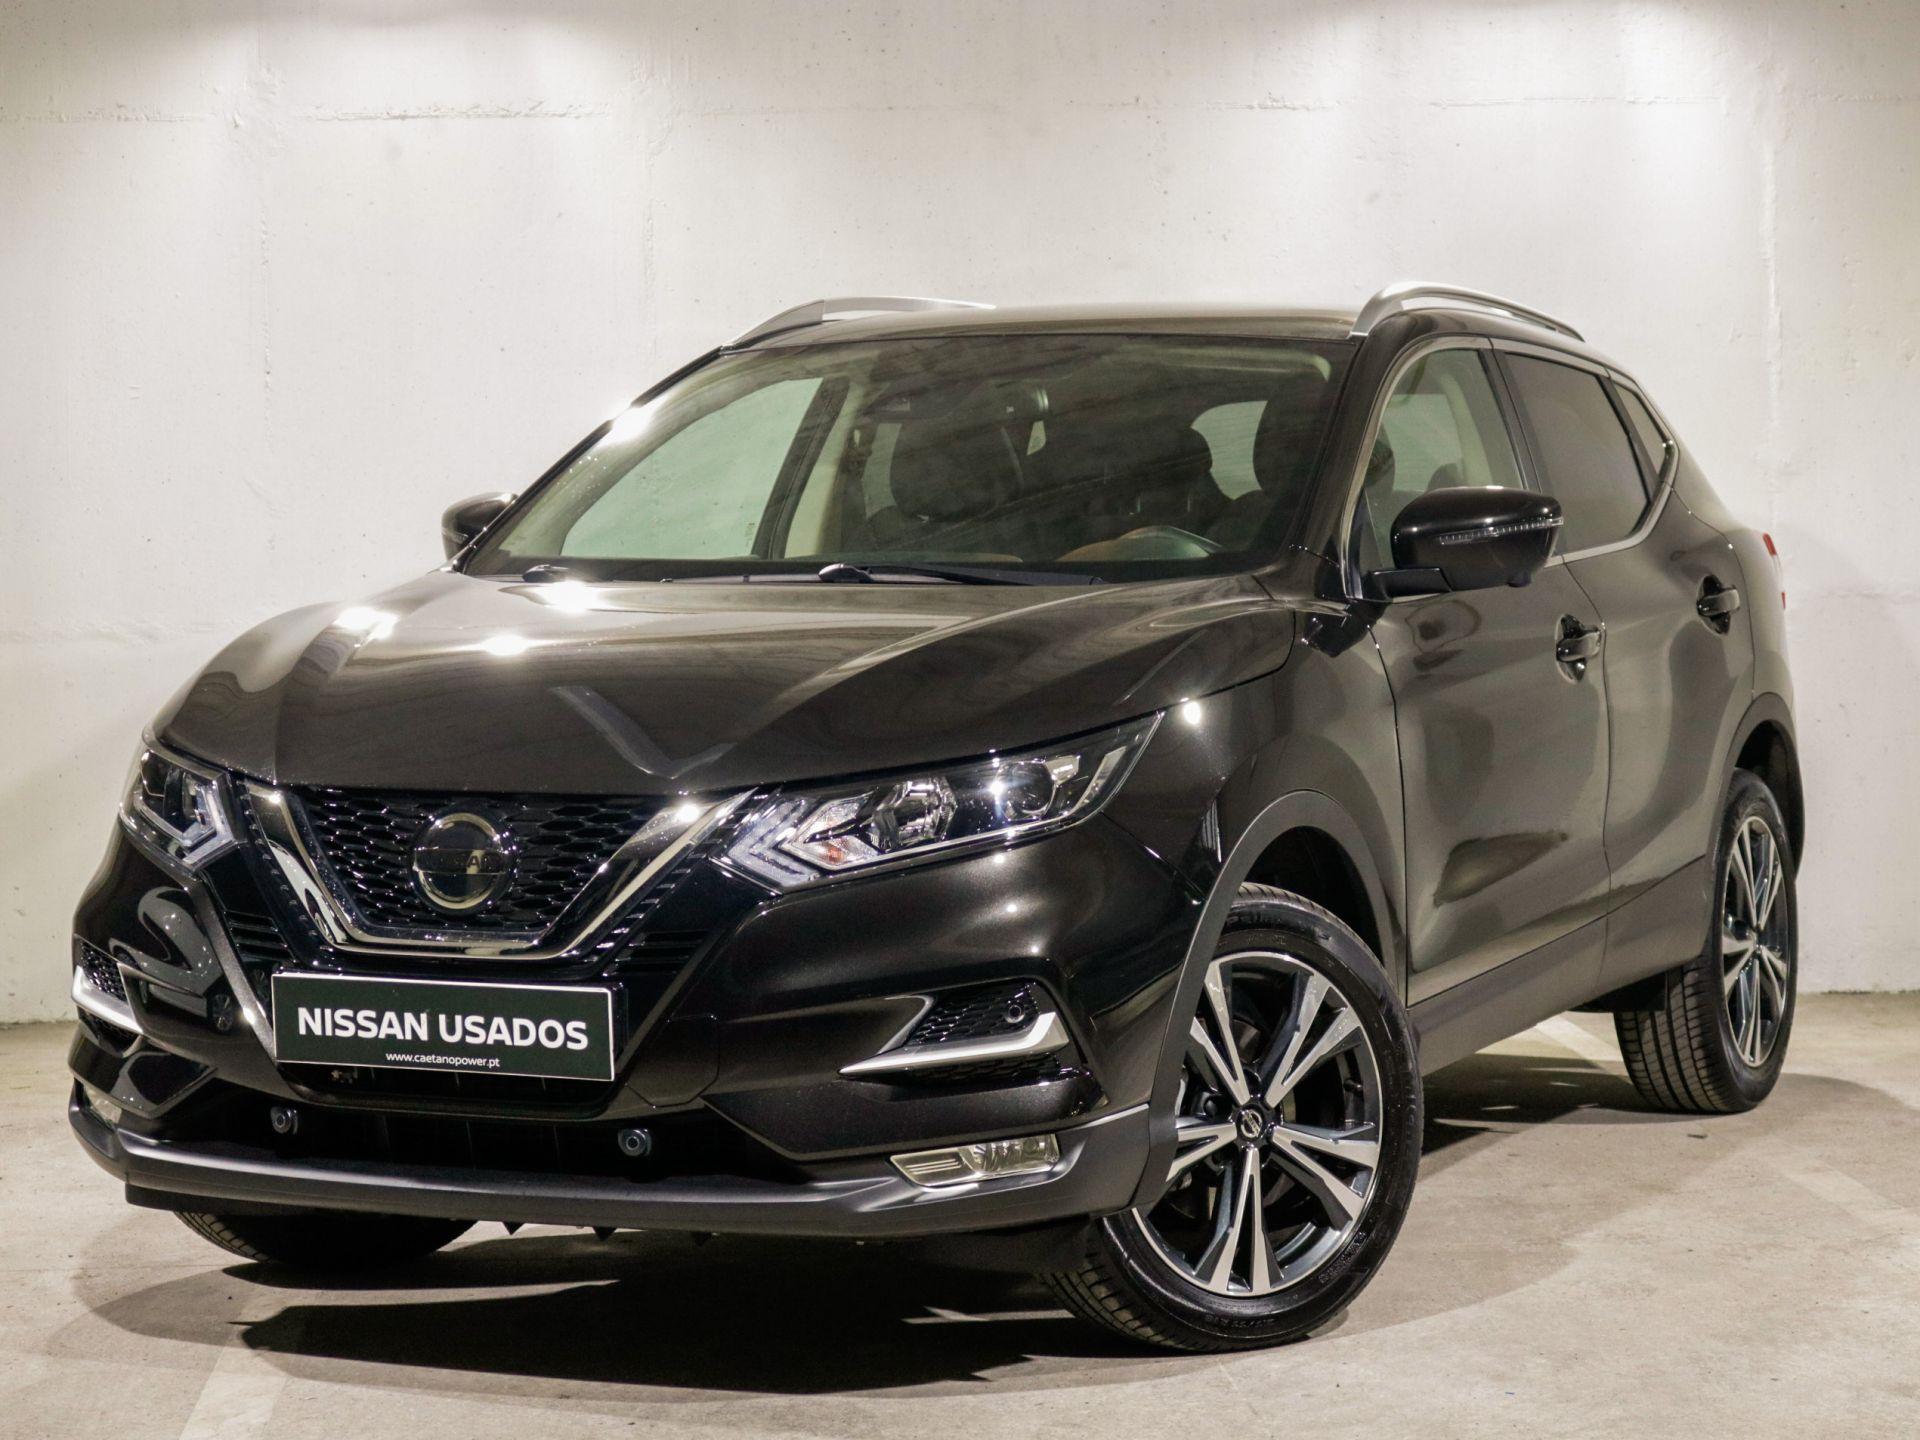 Nissan Qashqai 1.5 dCi 110cv N-Connecta 18 segunda mão Lisboa